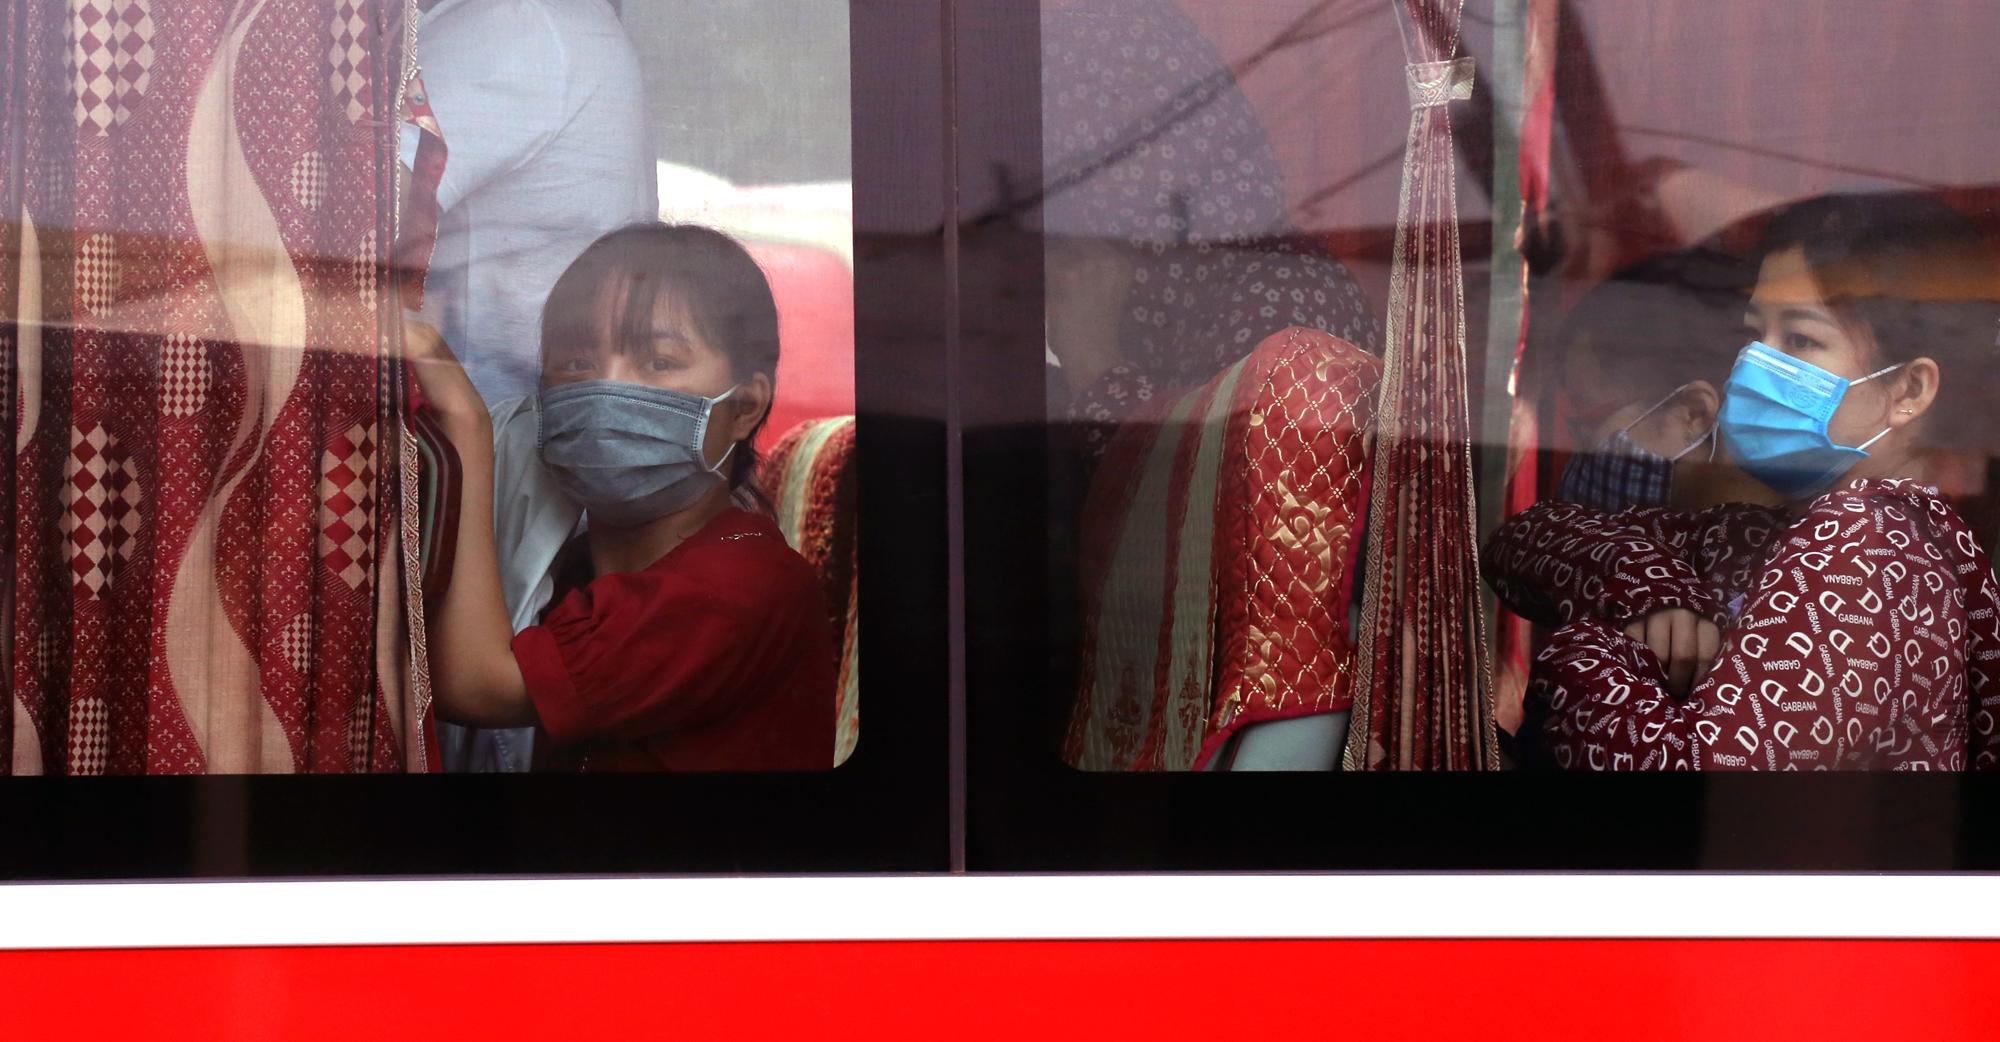 Vận tải khách trở lại bình thường, bến xe ở Hà Nội vẫn vắng vẻ - Ảnh 17.